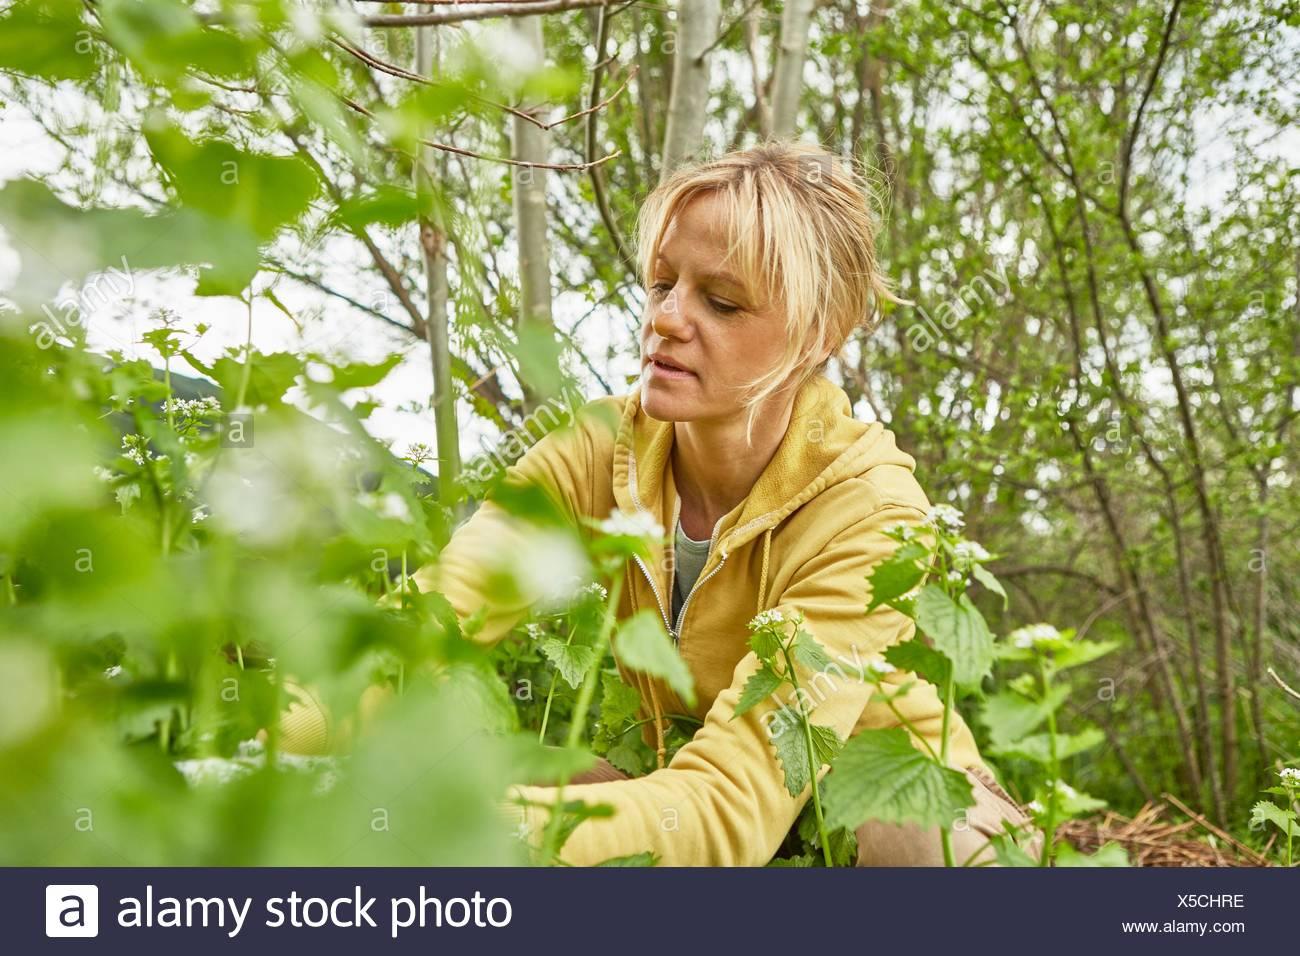 Reife Frau, Gartenarbeit, Unkraut hochziehen Stockfoto